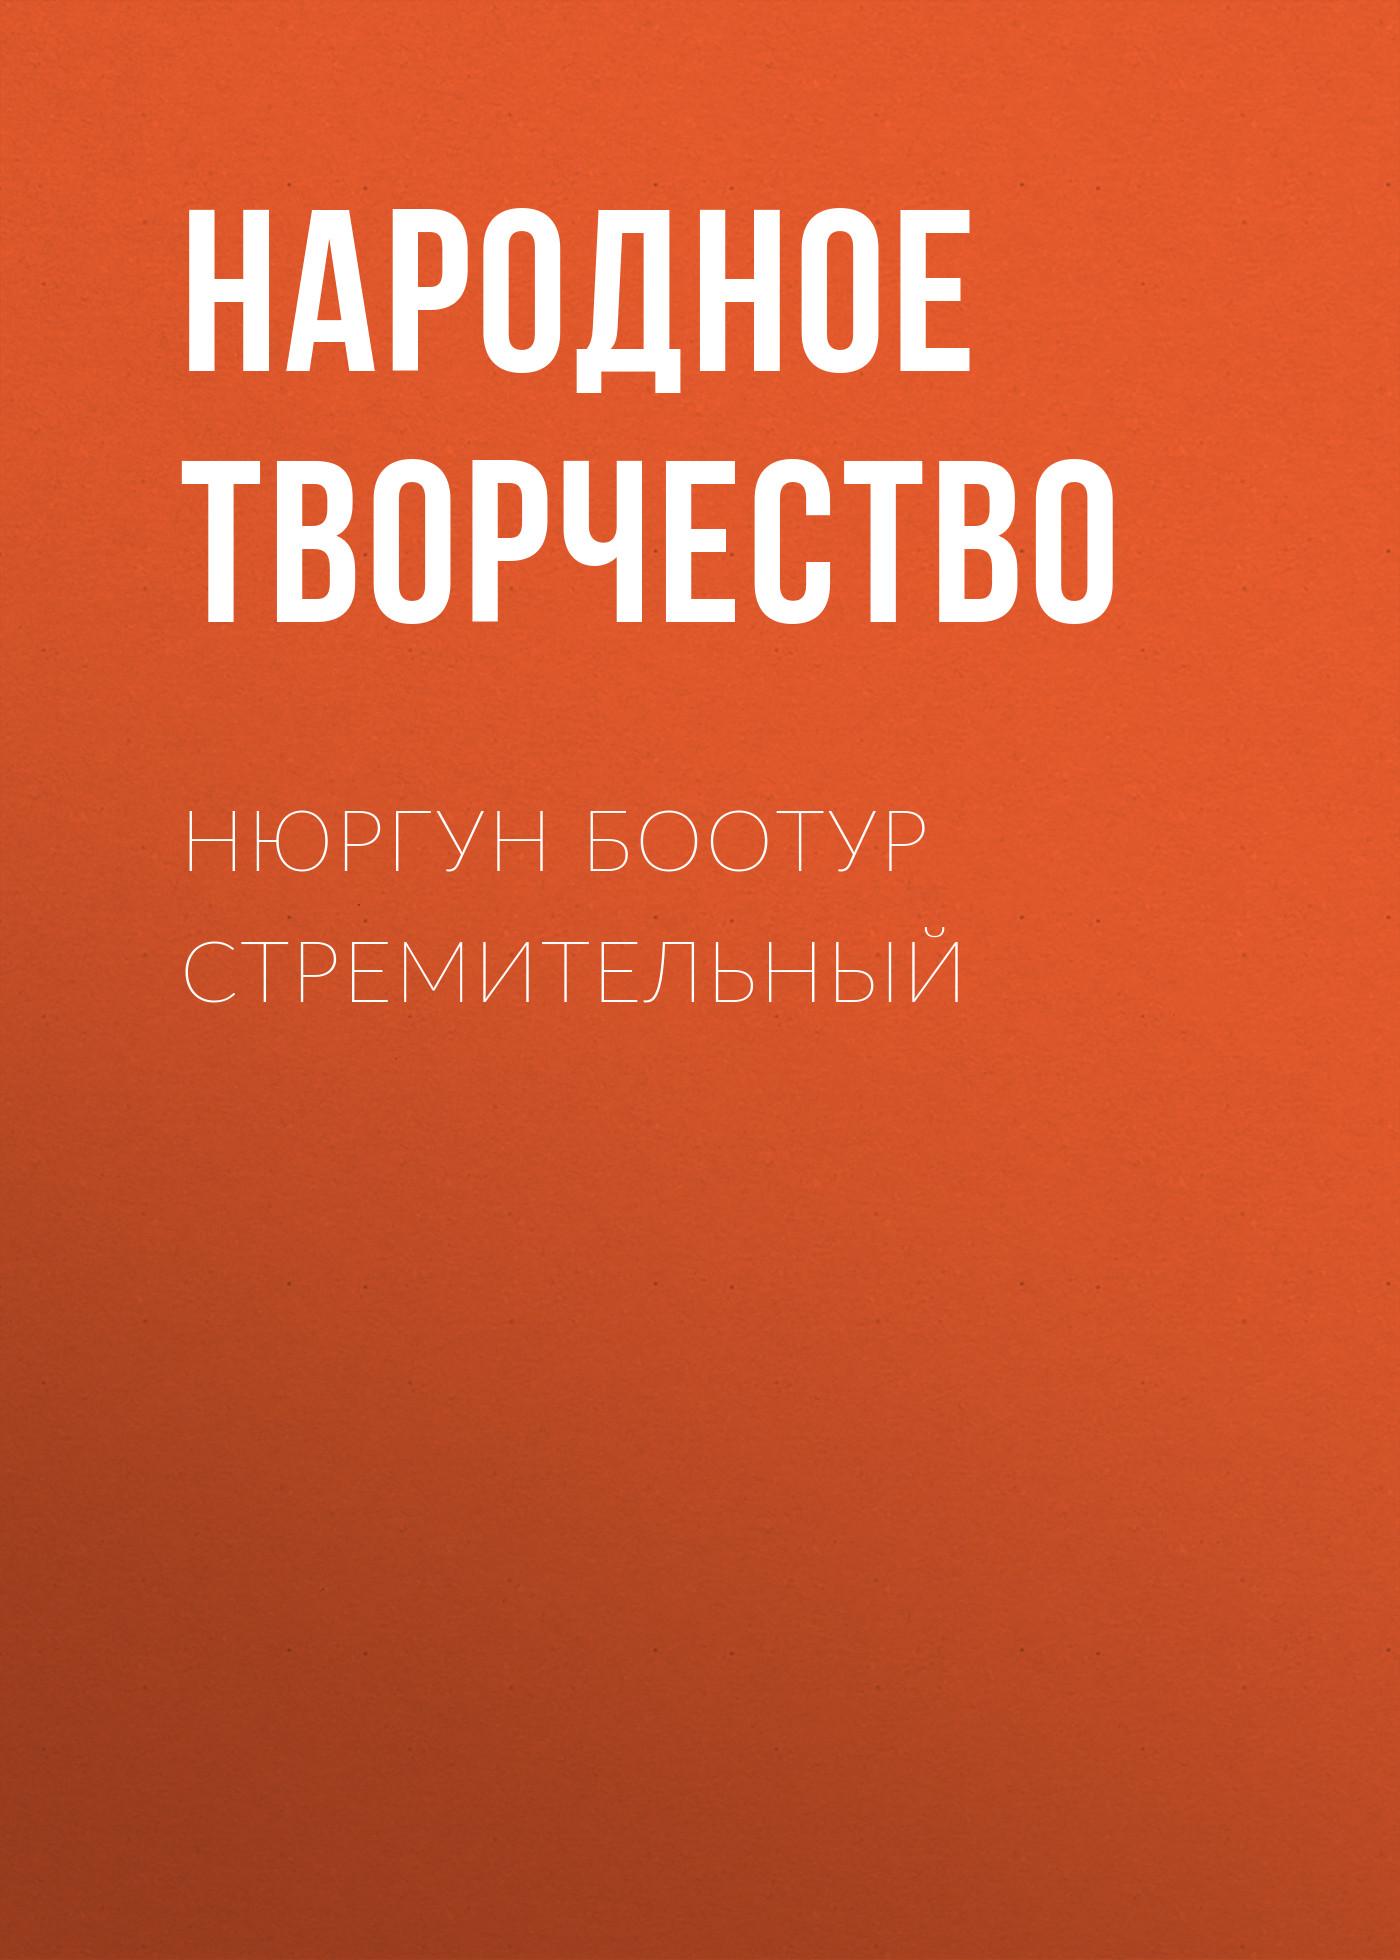 Народное творчество Нюргун Боотур Стремительный